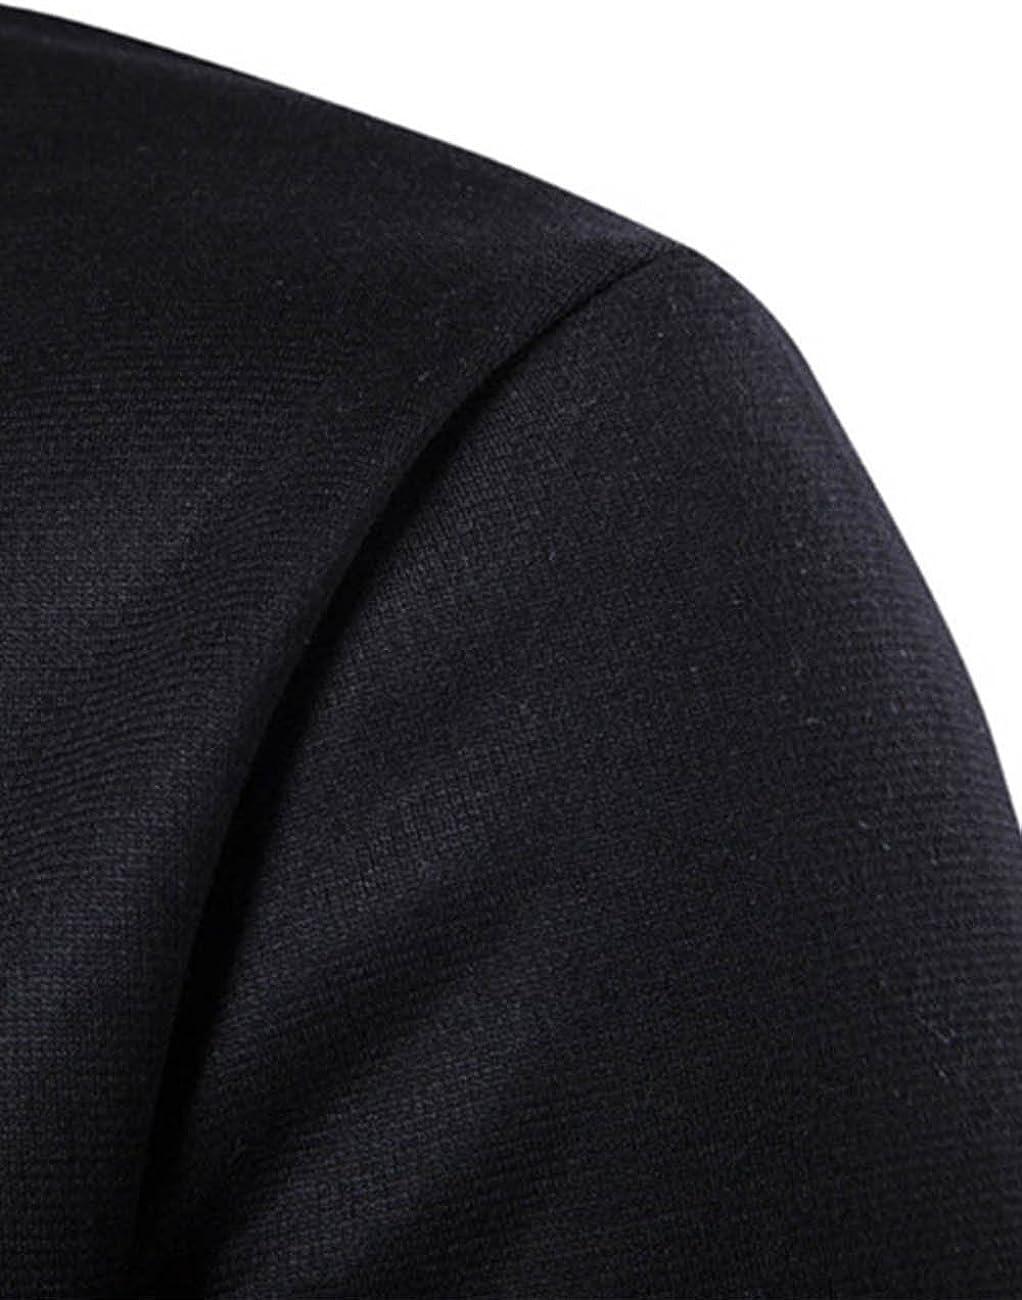 SHOBDW Hombres Sudadera con Capucha Oto/ño Invierno Cuello Alto de Gran Tama/ño Tallas Grandes Camisetas de Manga Larga Remiendo S/ólido tee Outwear Blusa Su/éter